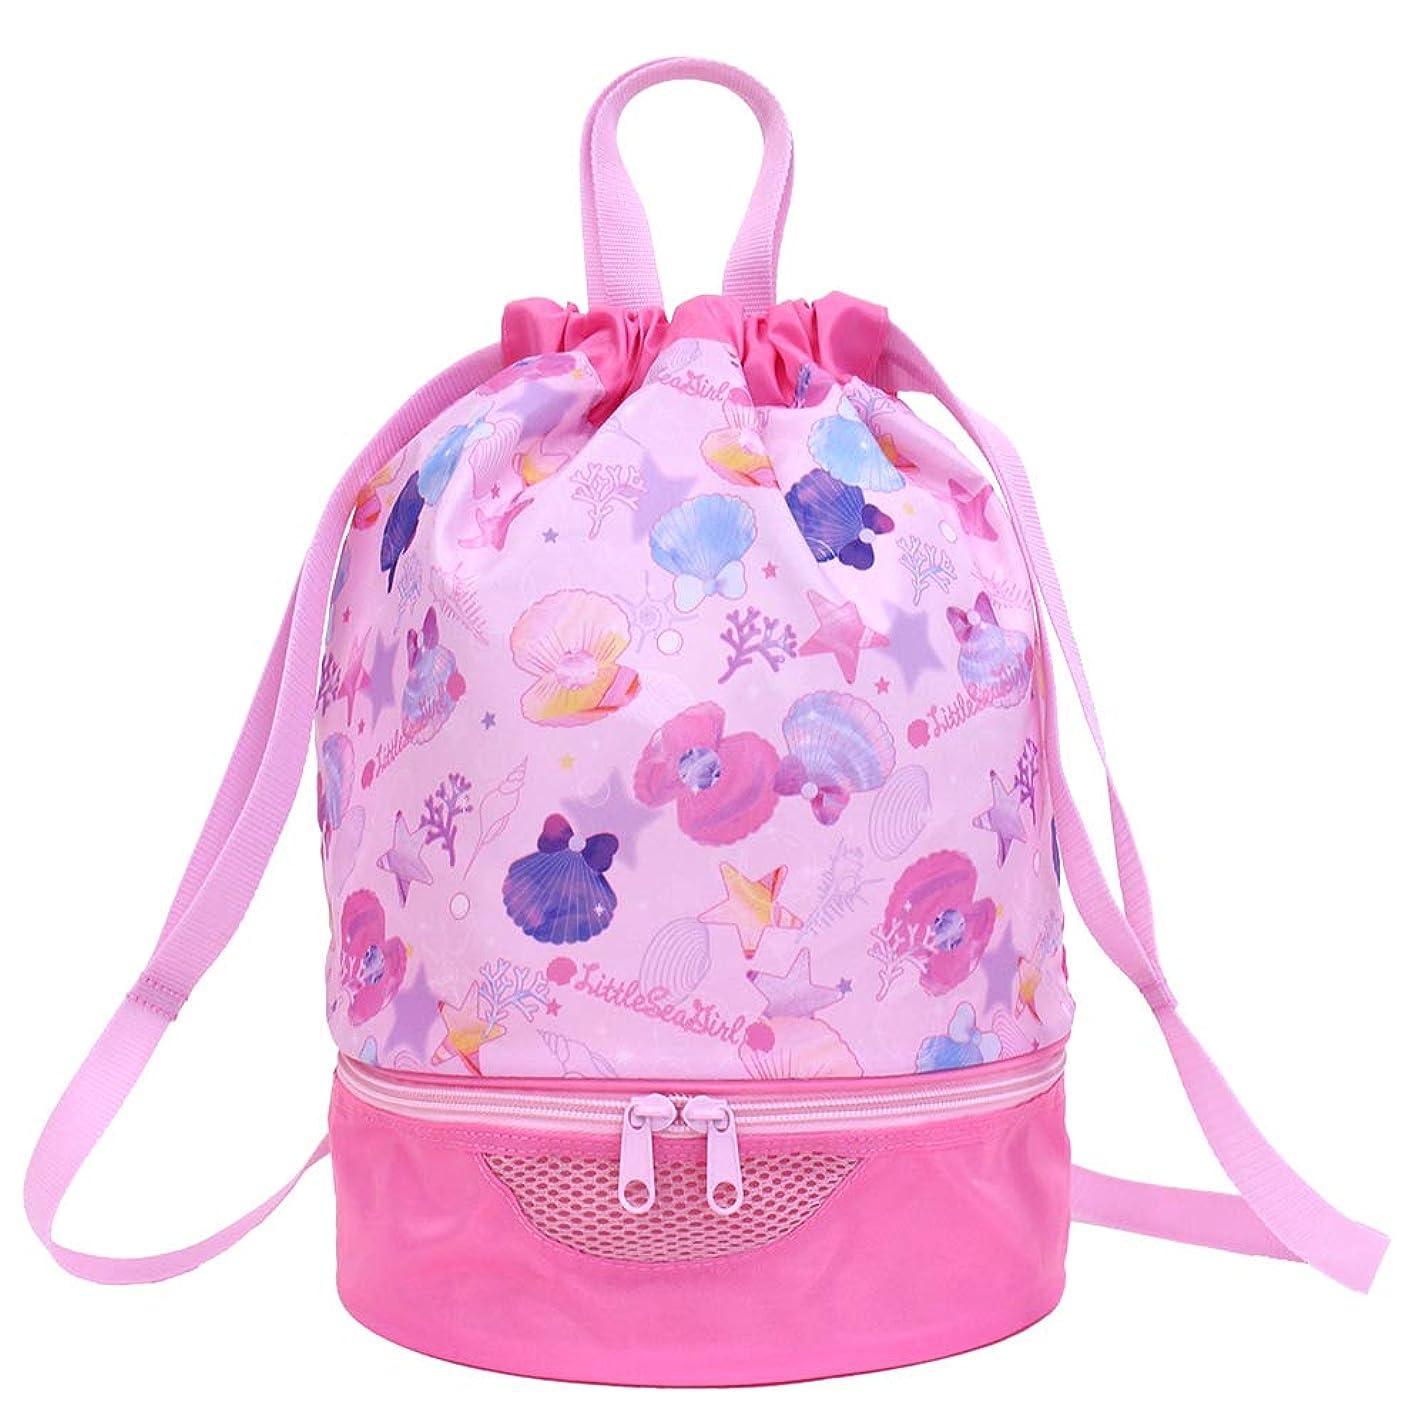 エクステント要件無限大ピンクの家族 レディース向け 財布 PUレザーショルダーバッグ 幼児 子供 用 ミニ パックバッグ クロスボディ バッグ